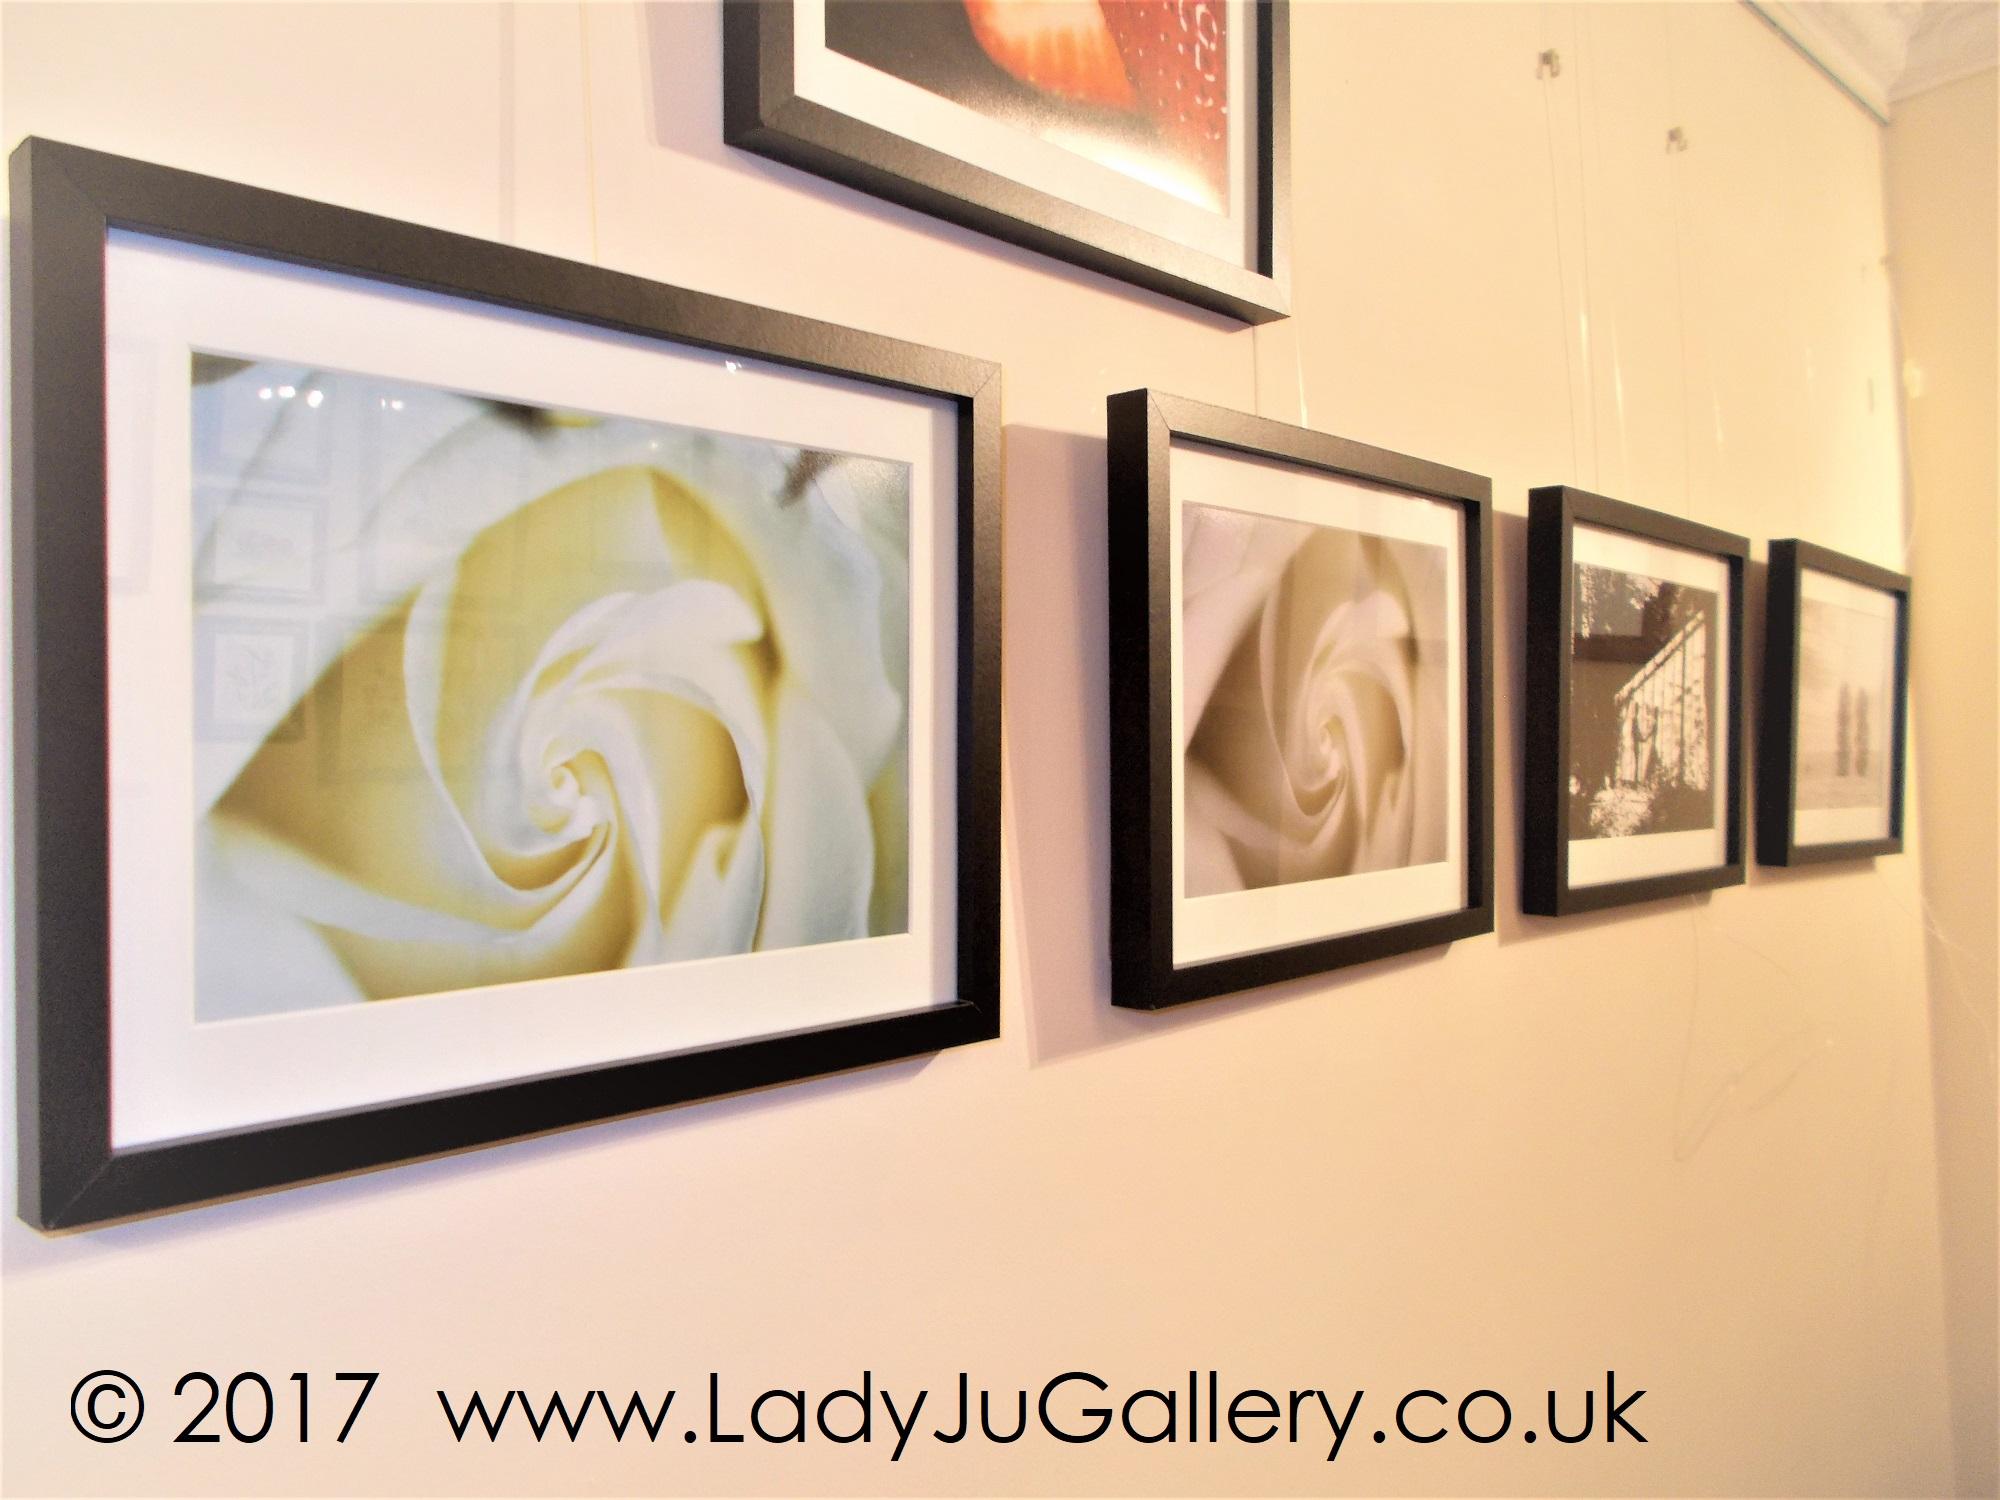 © J Kalite 2017 www.LadyJuGallery.co.uk (13)